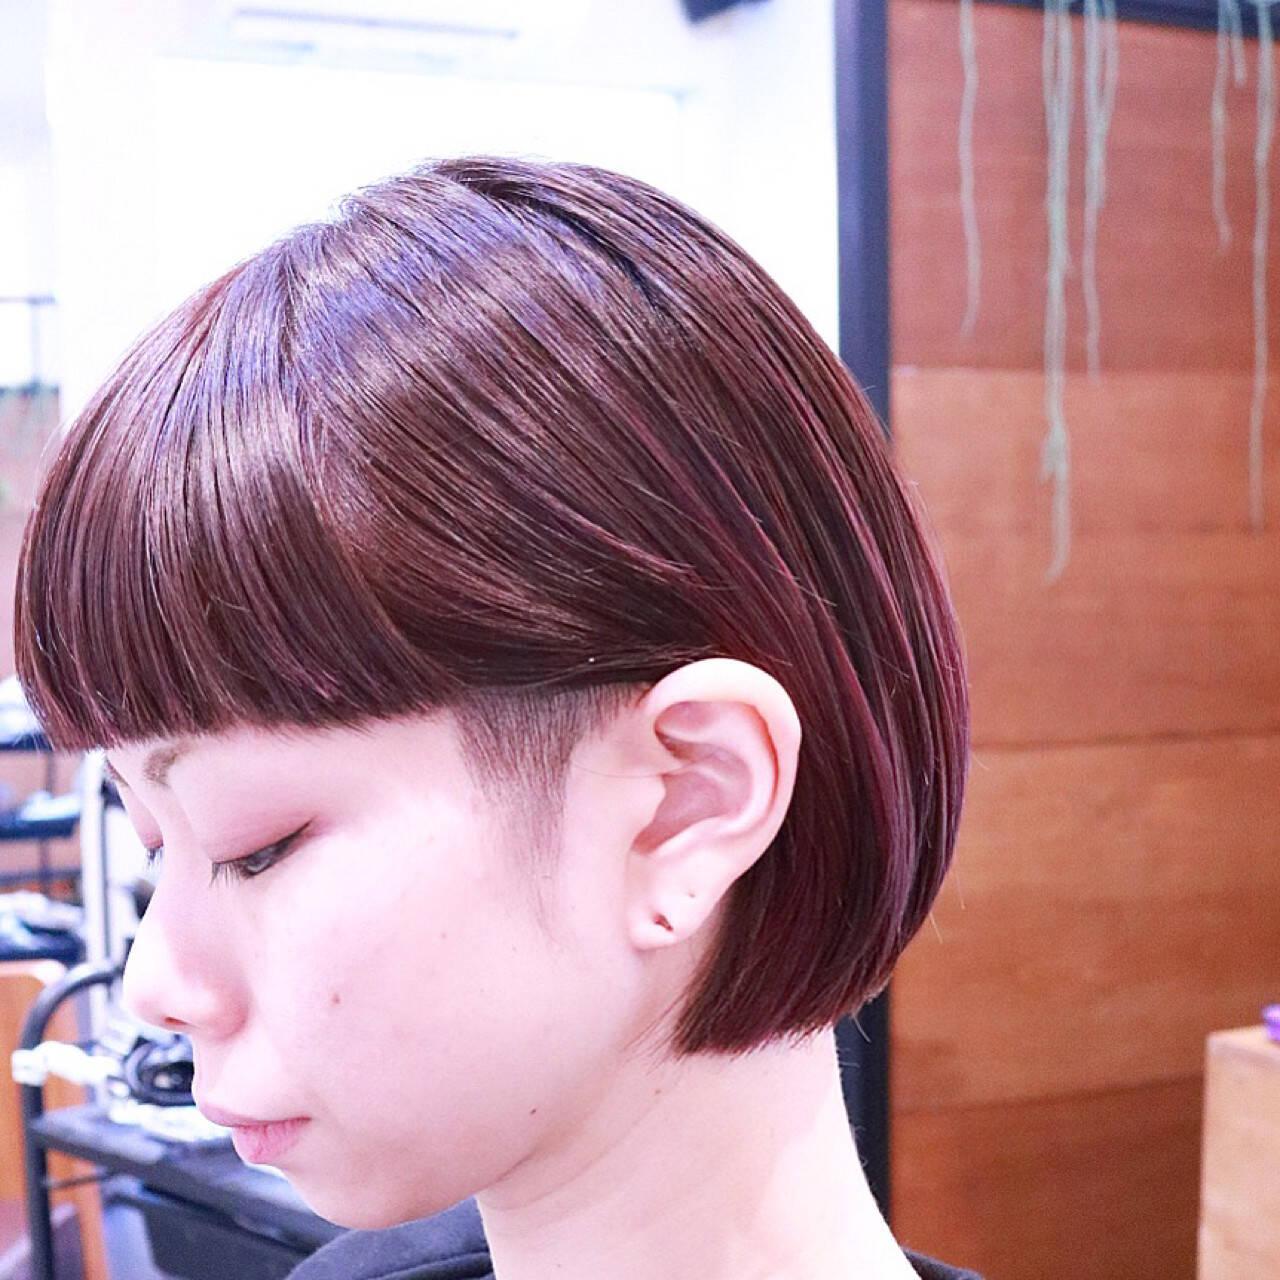 ピンク ボブ モード グラデーションカラーヘアスタイルや髪型の写真・画像